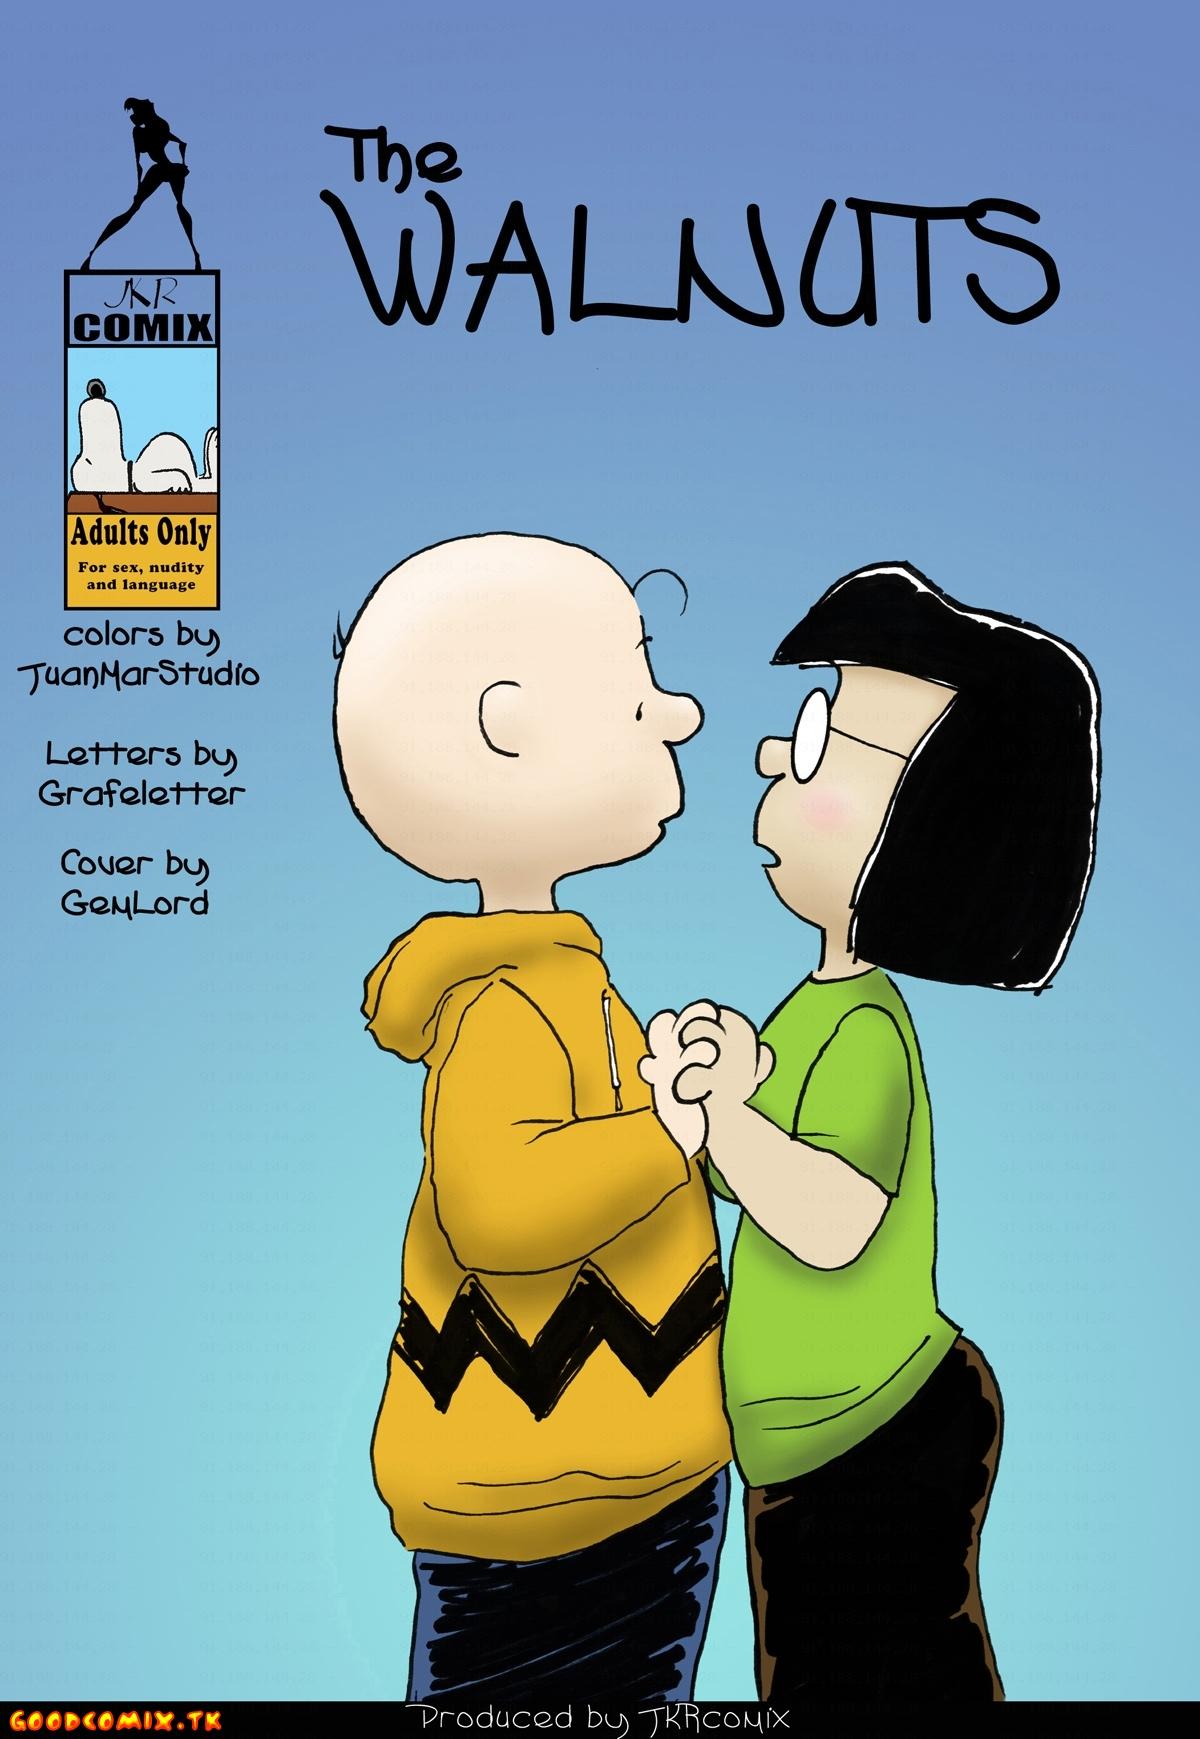 Goodcomix.tk Peanuts - [JKRcomix] - The Walnuts Part1